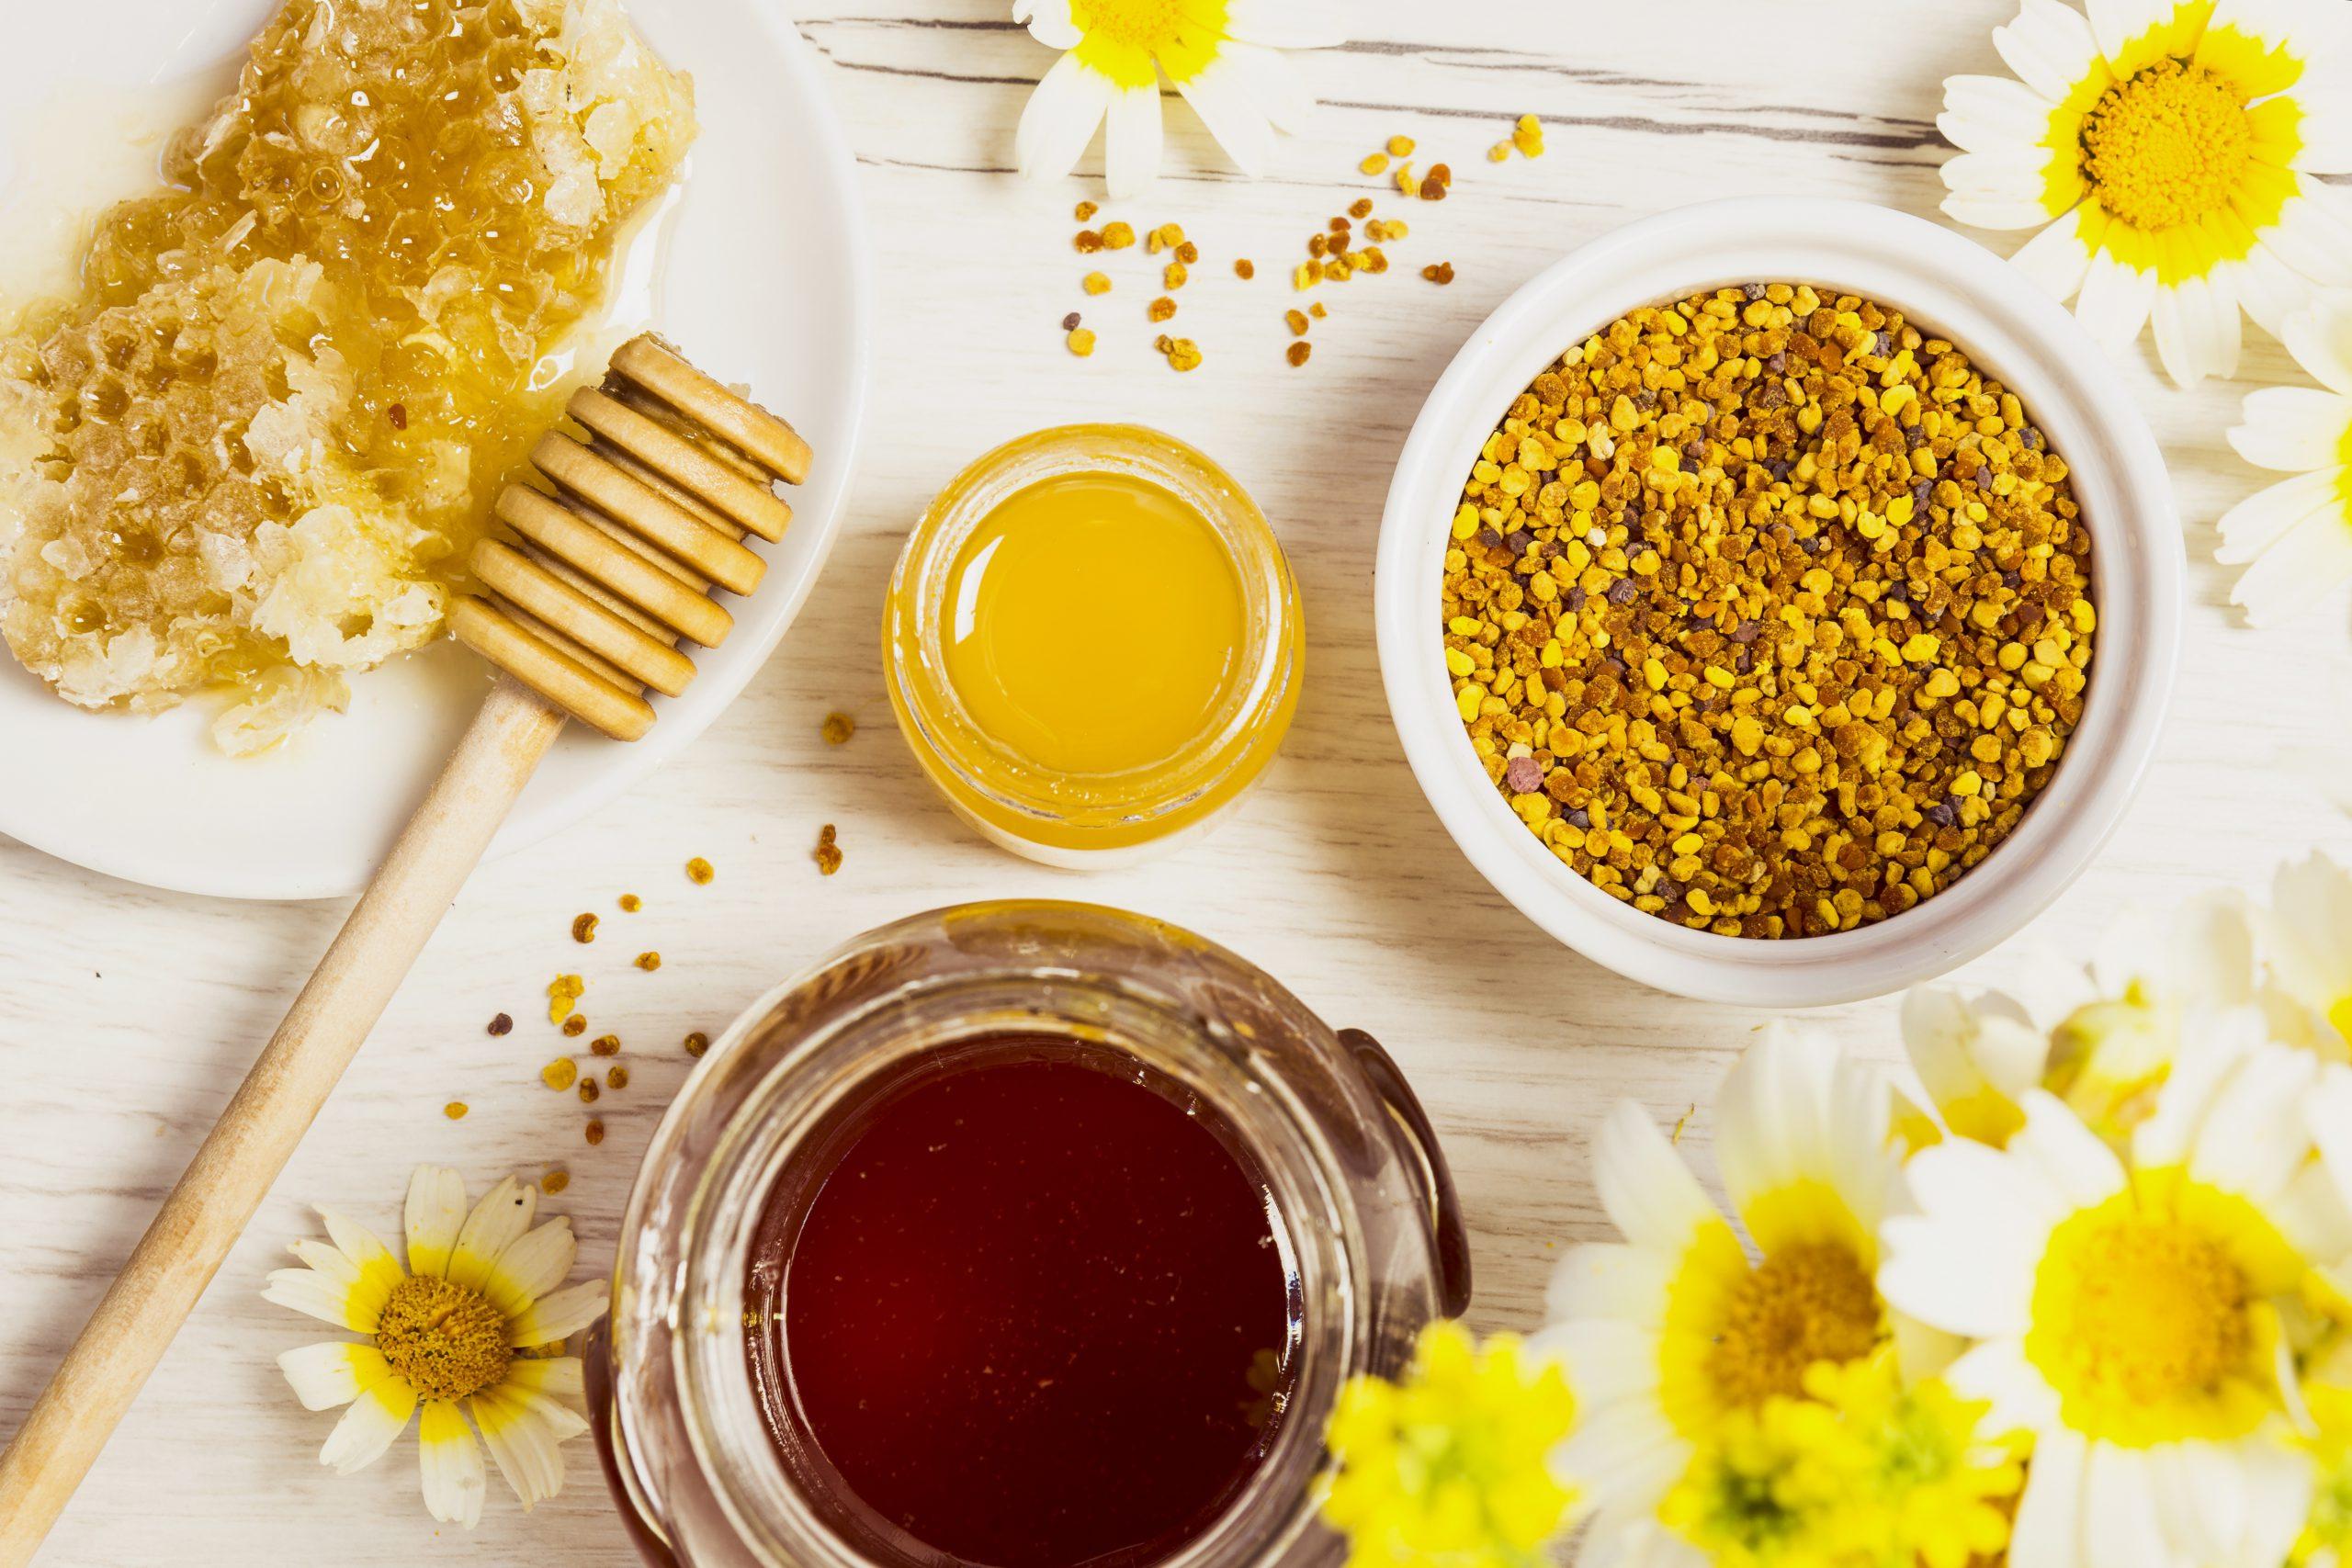 افزایش سطح ایمنی و سلامتی بدن با عسل